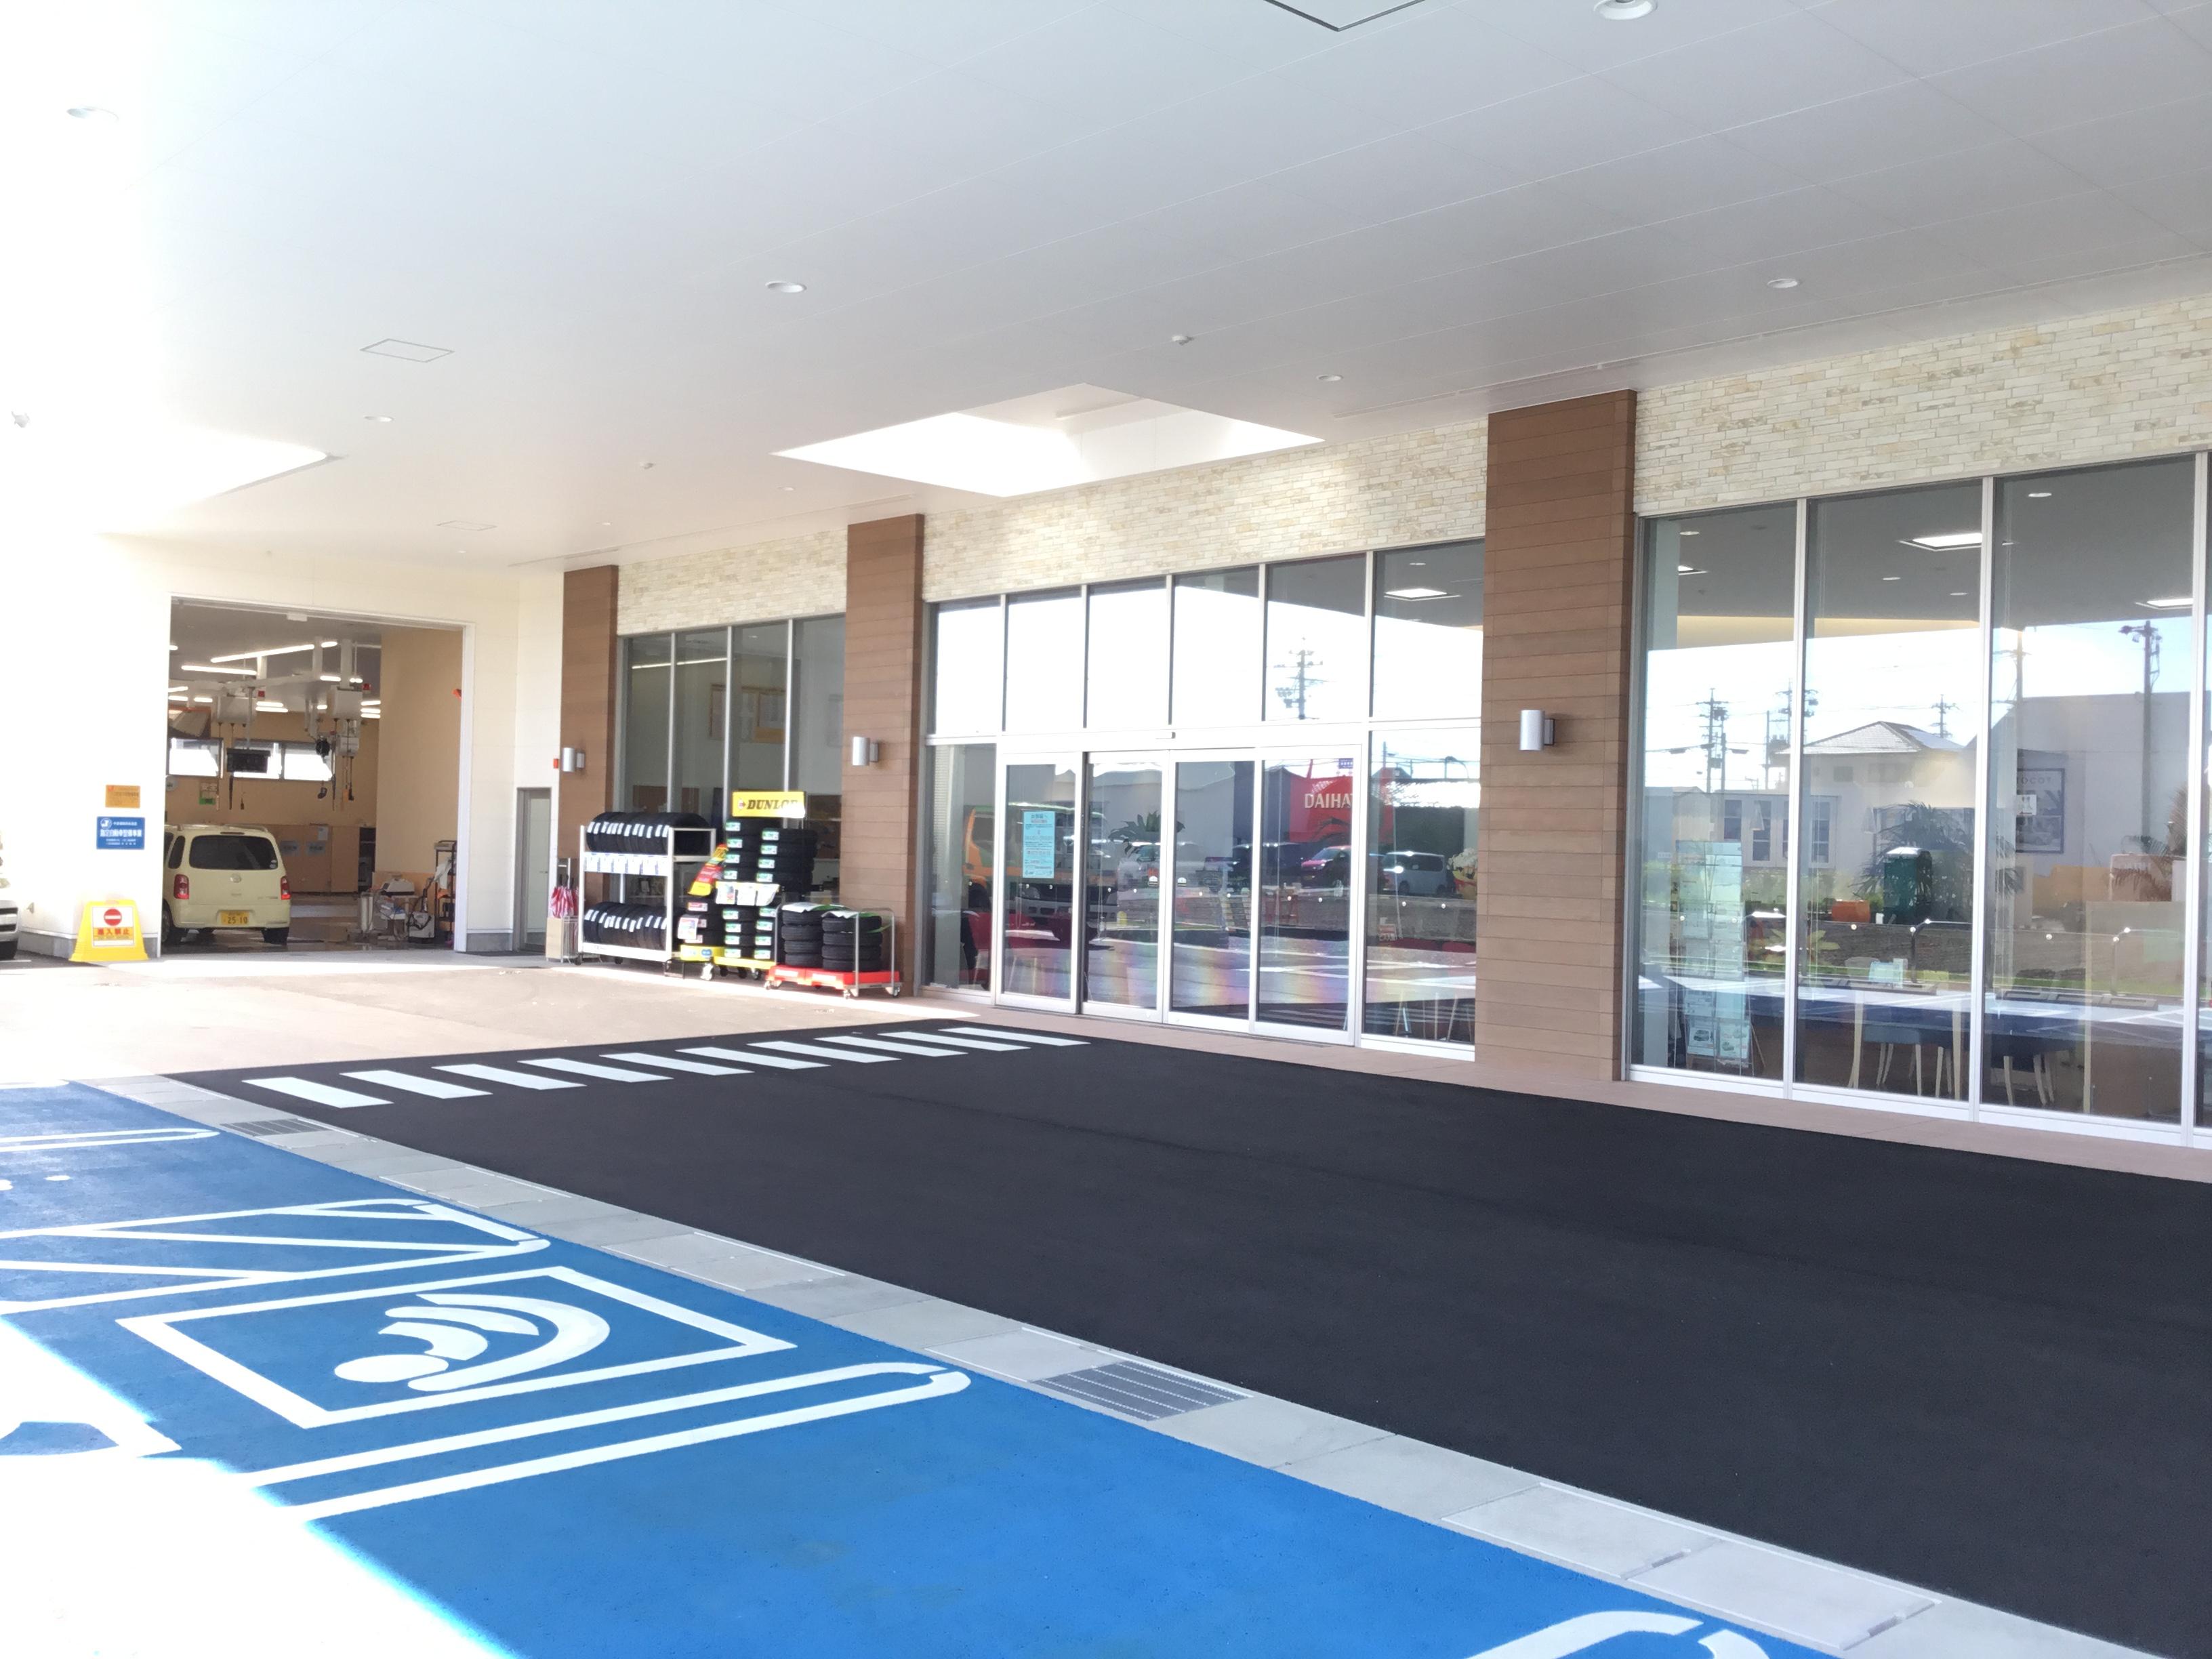 新しい店舗になり入口までの階段がなくなりました(*^^*)